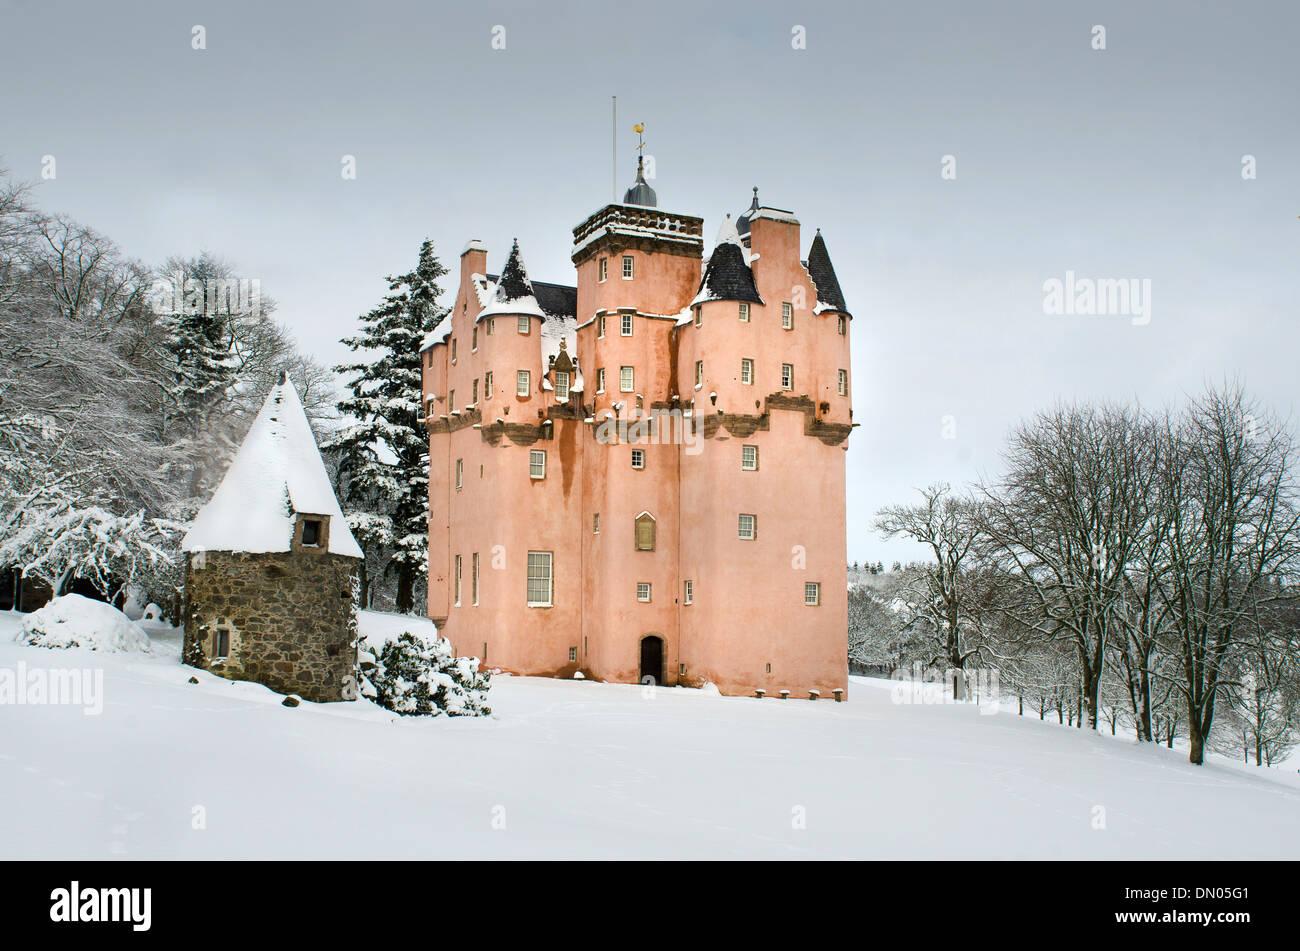 Craigievar Castle in Royal Deeside aberdeen in snowy winter - Stock Image